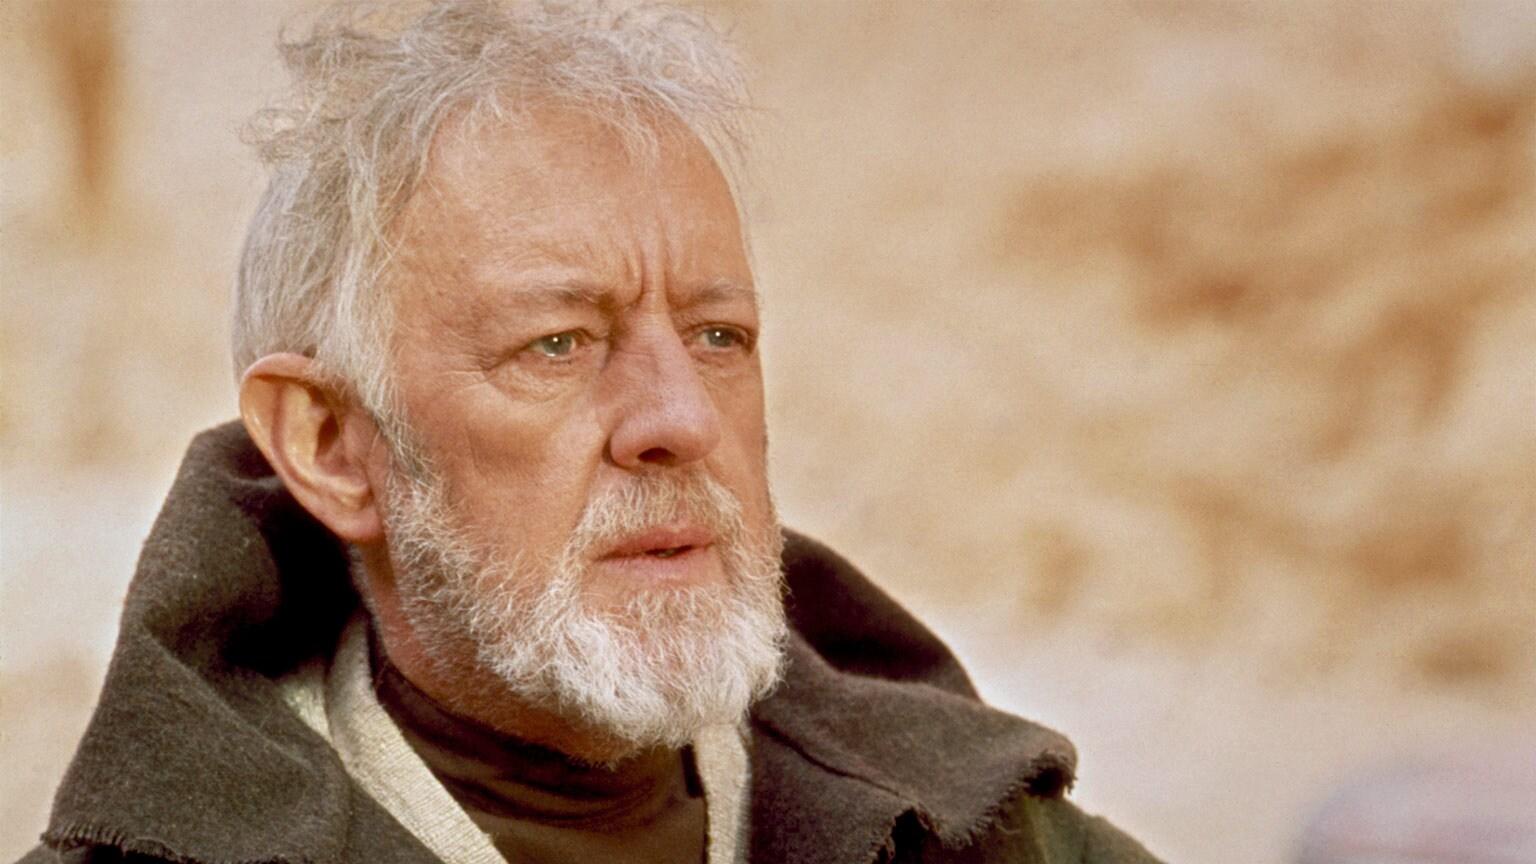 https://lumiere-a.akamaihd.net/v1/images/Obi-Wan-Kenobi_6d775533.jpeg